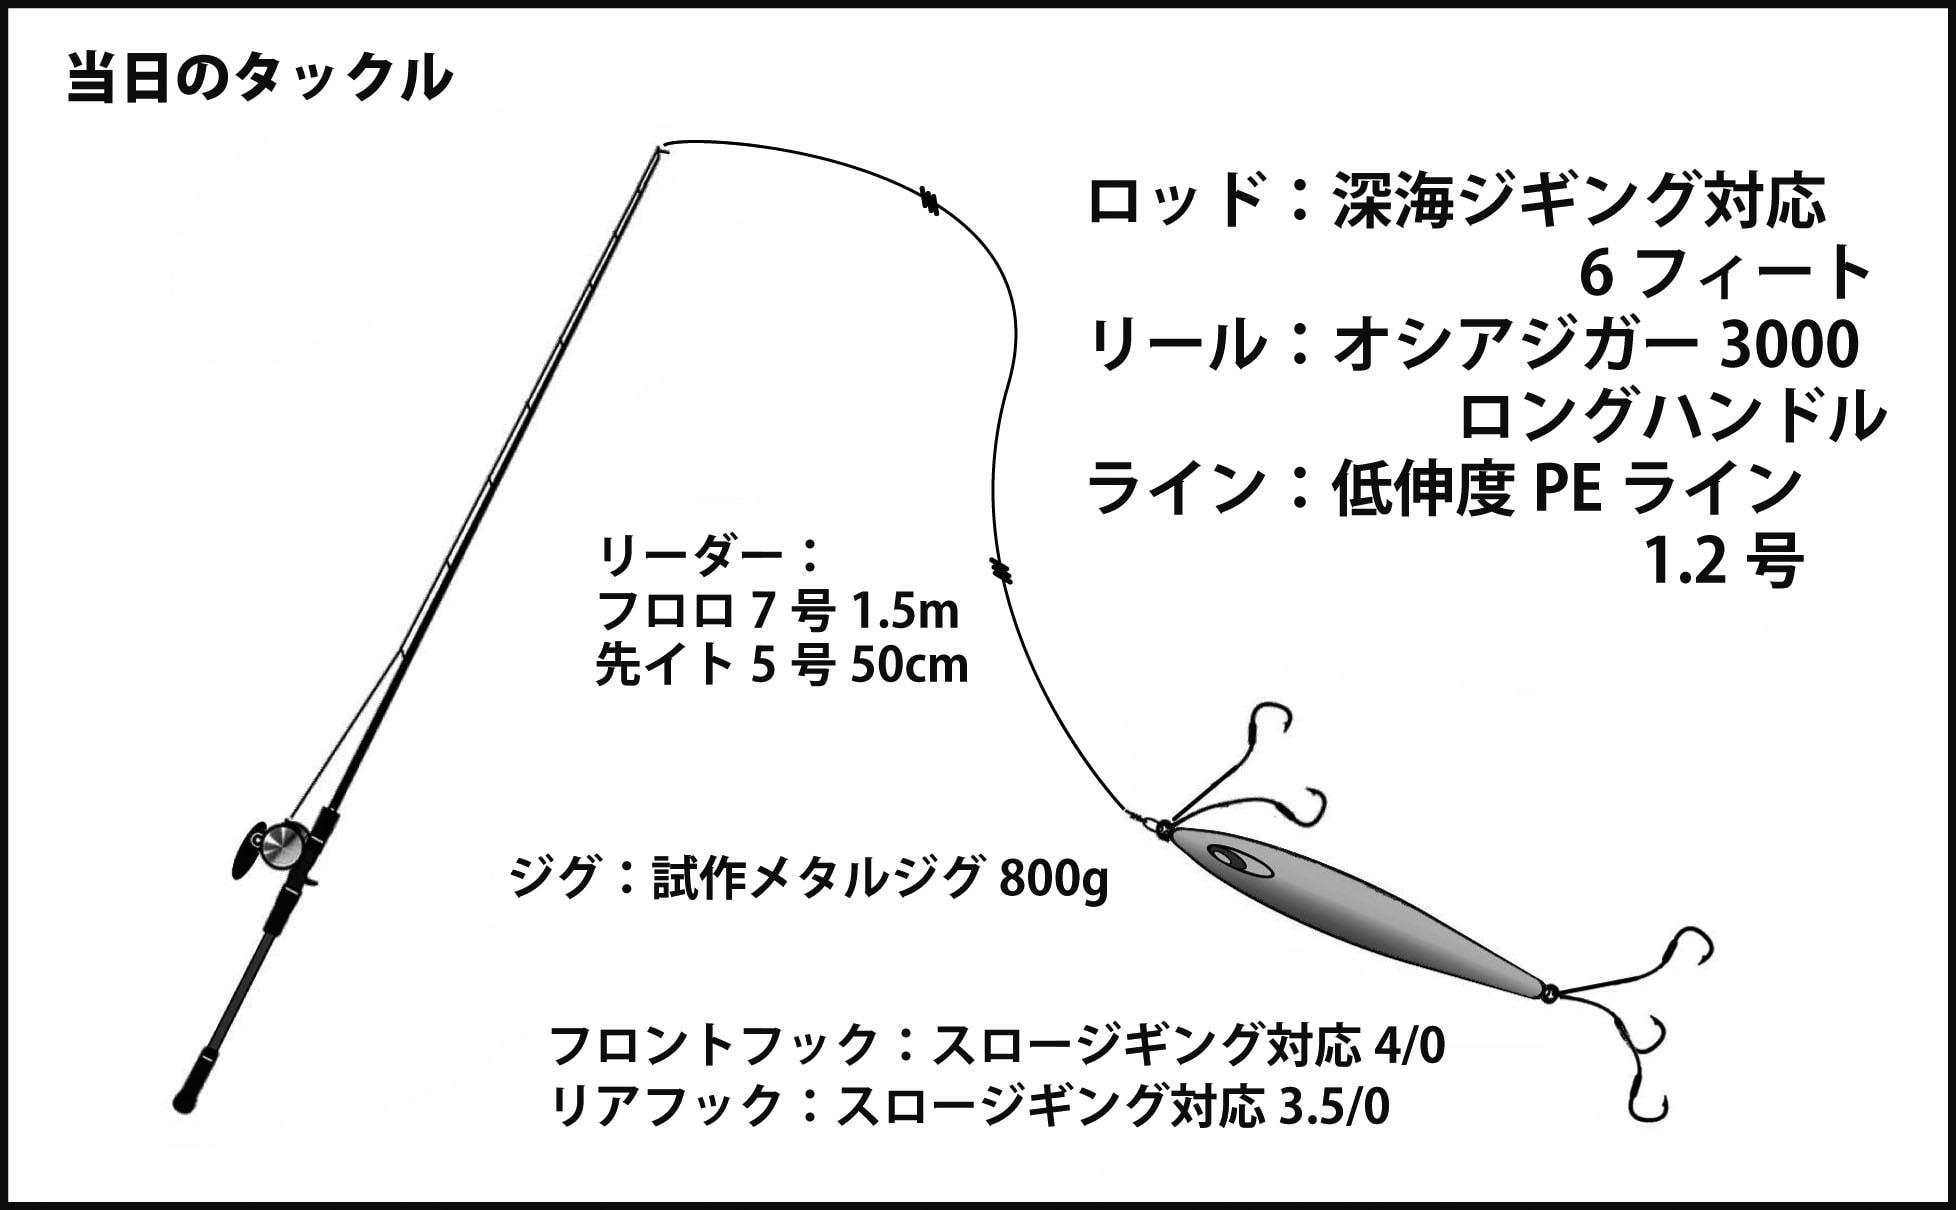 ディープジギングで話題の『新島キンメ』60cm登場【静岡県・下田】